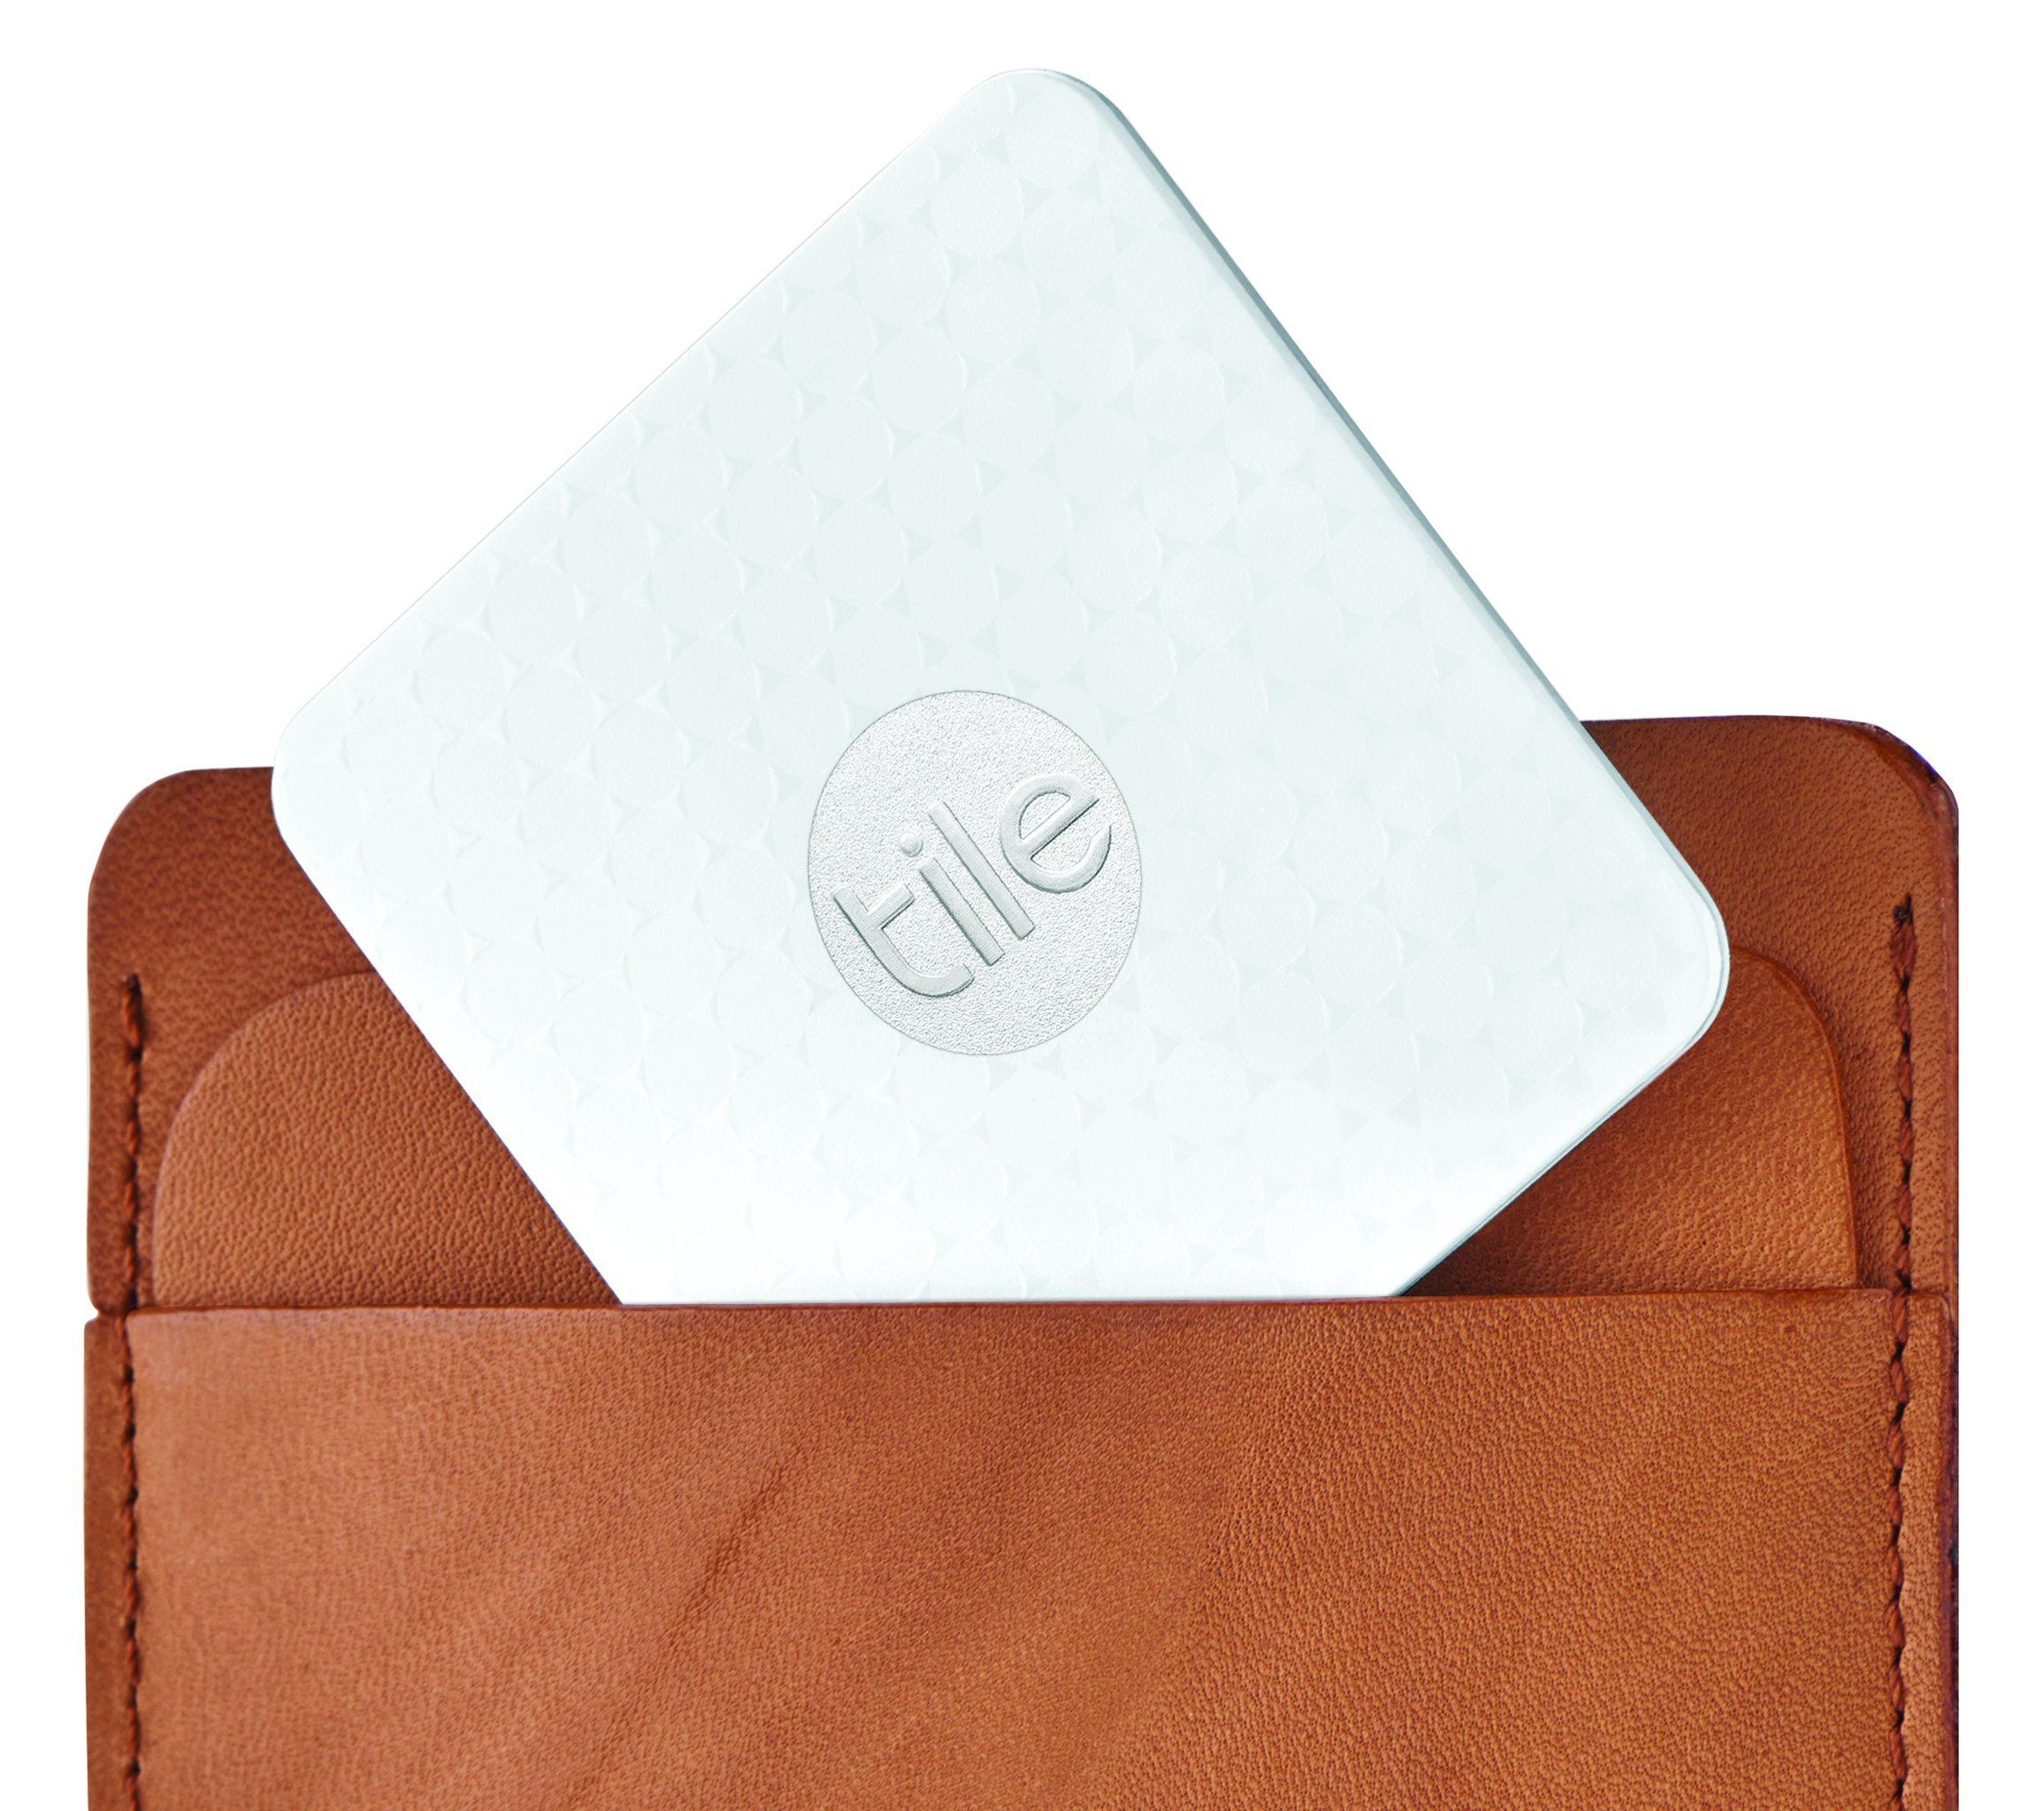 Tile Slim - Phone Finder. Wallet Finder. Anything Finder - 1 Pack by Tile (Image #3)